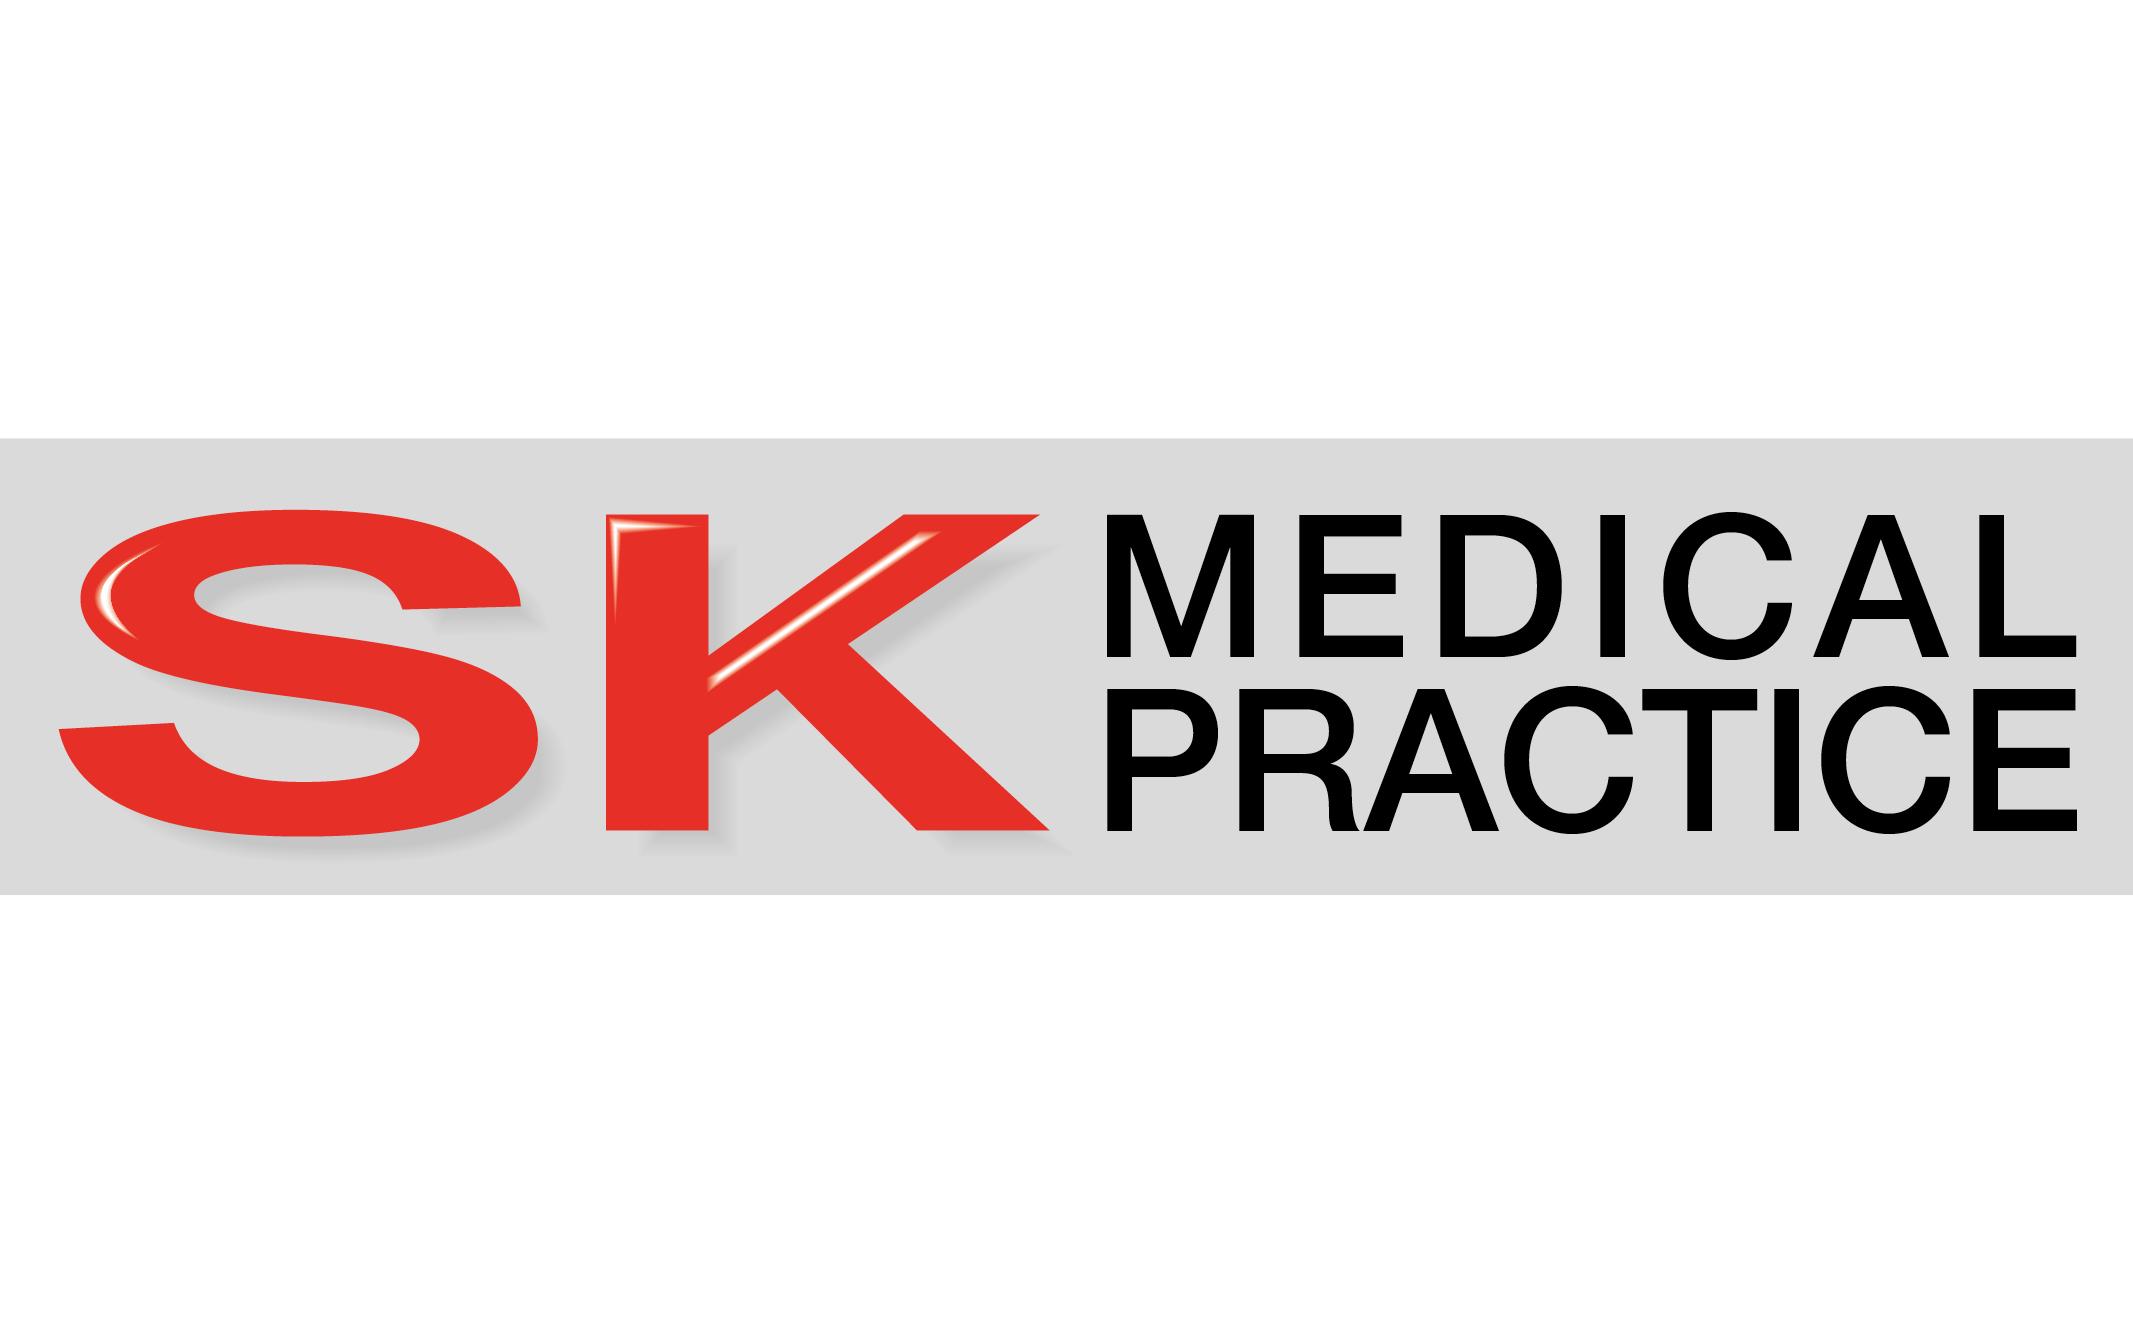 SK Medical